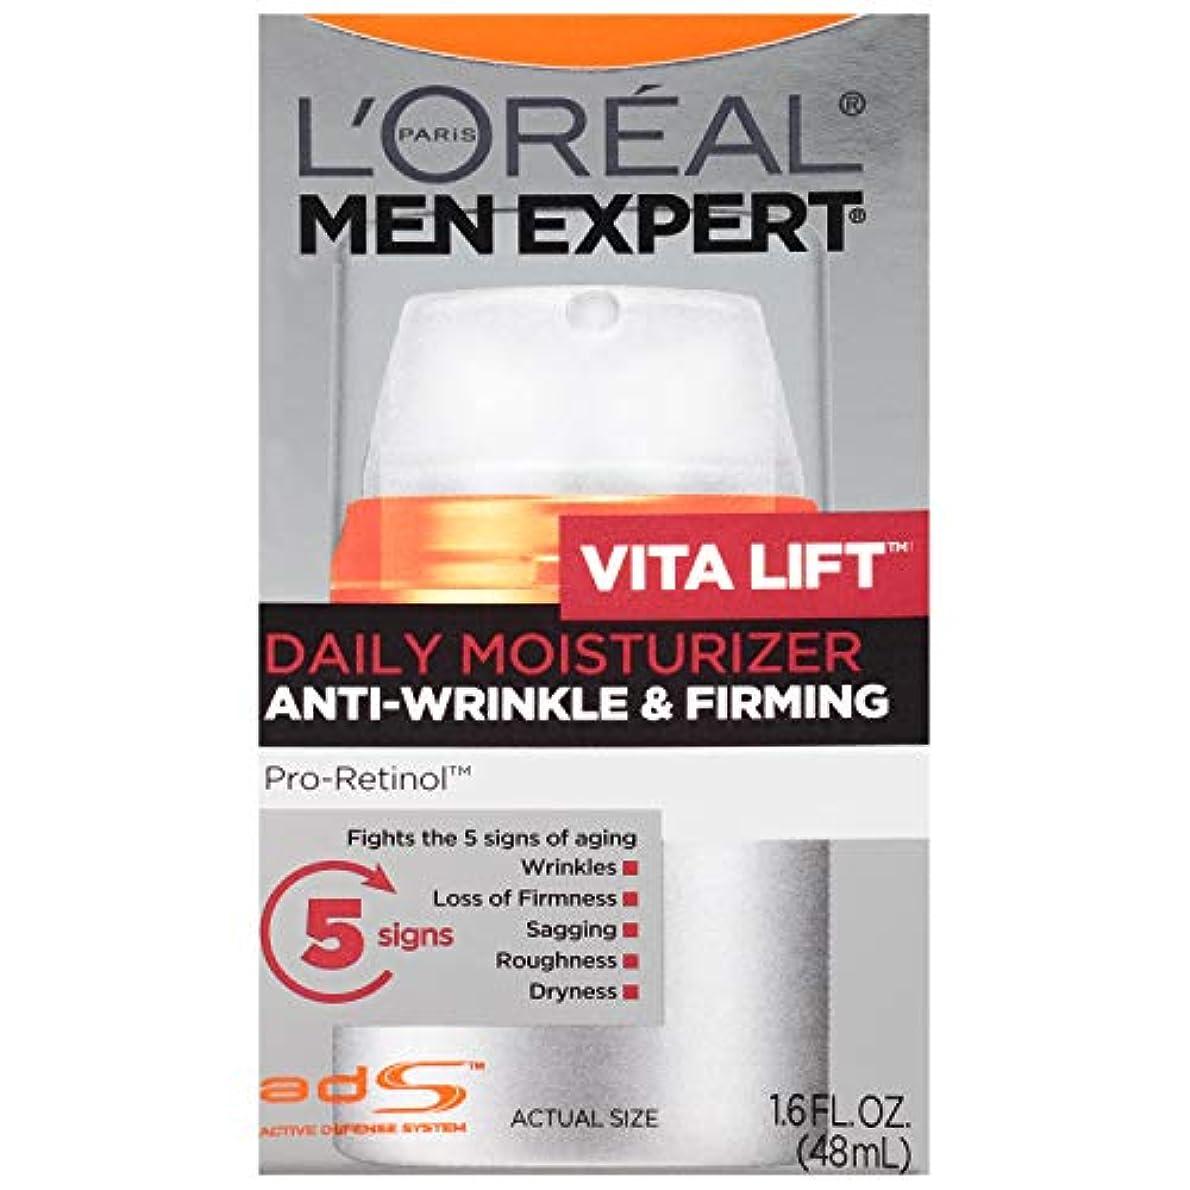 インターネット特権眠いですMen's Expert L'Oreal Paris Vita Lift Anti-Wrinkle & Firming Moisturizer, 1.6 Ounces